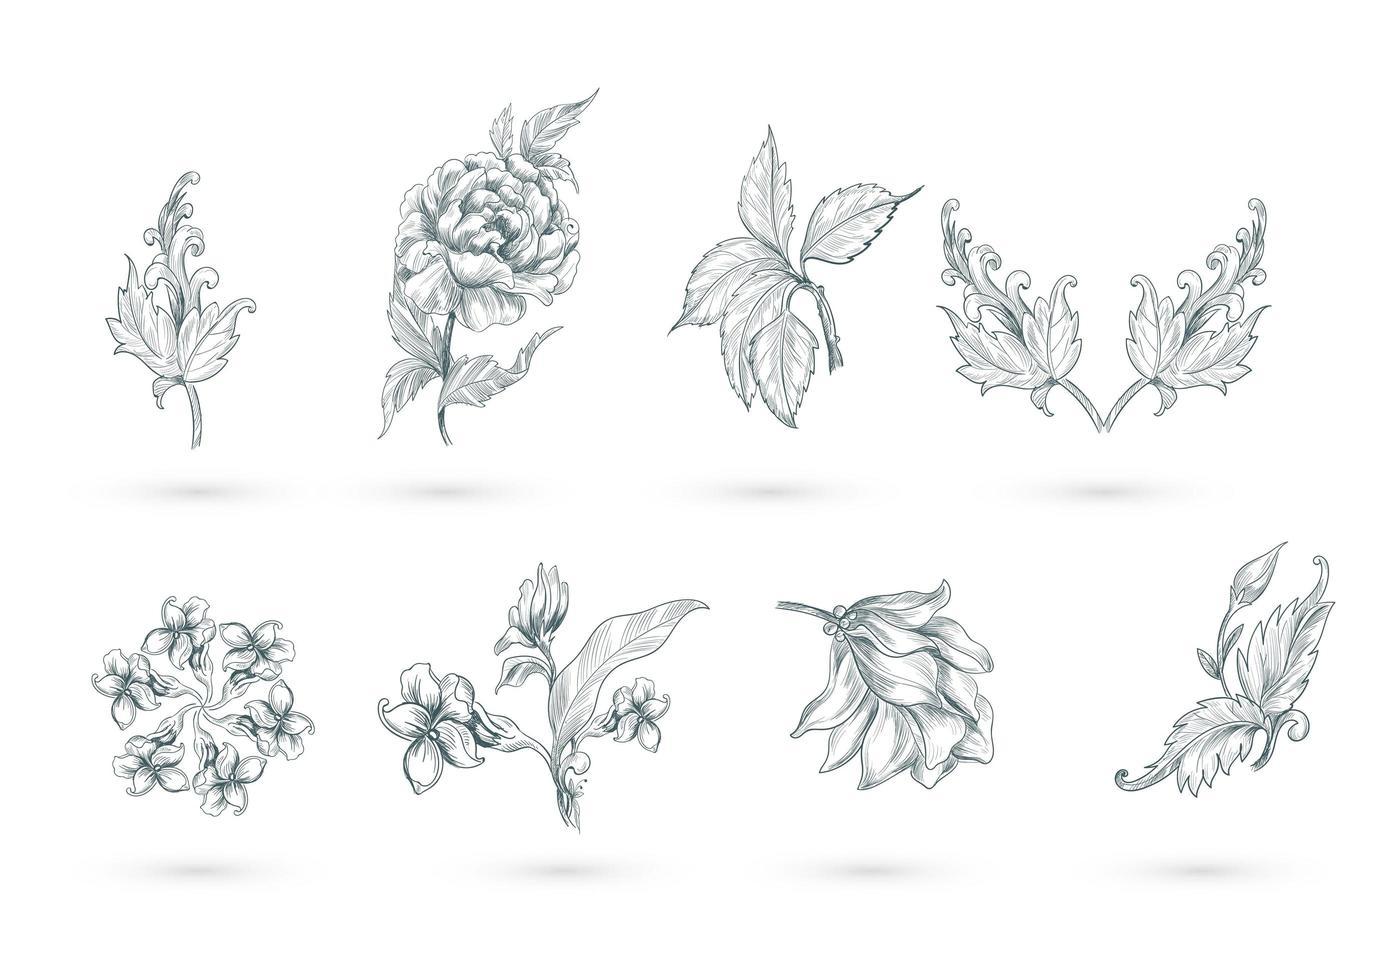 abstrakt konstnärlig blommig uppsättning vektor